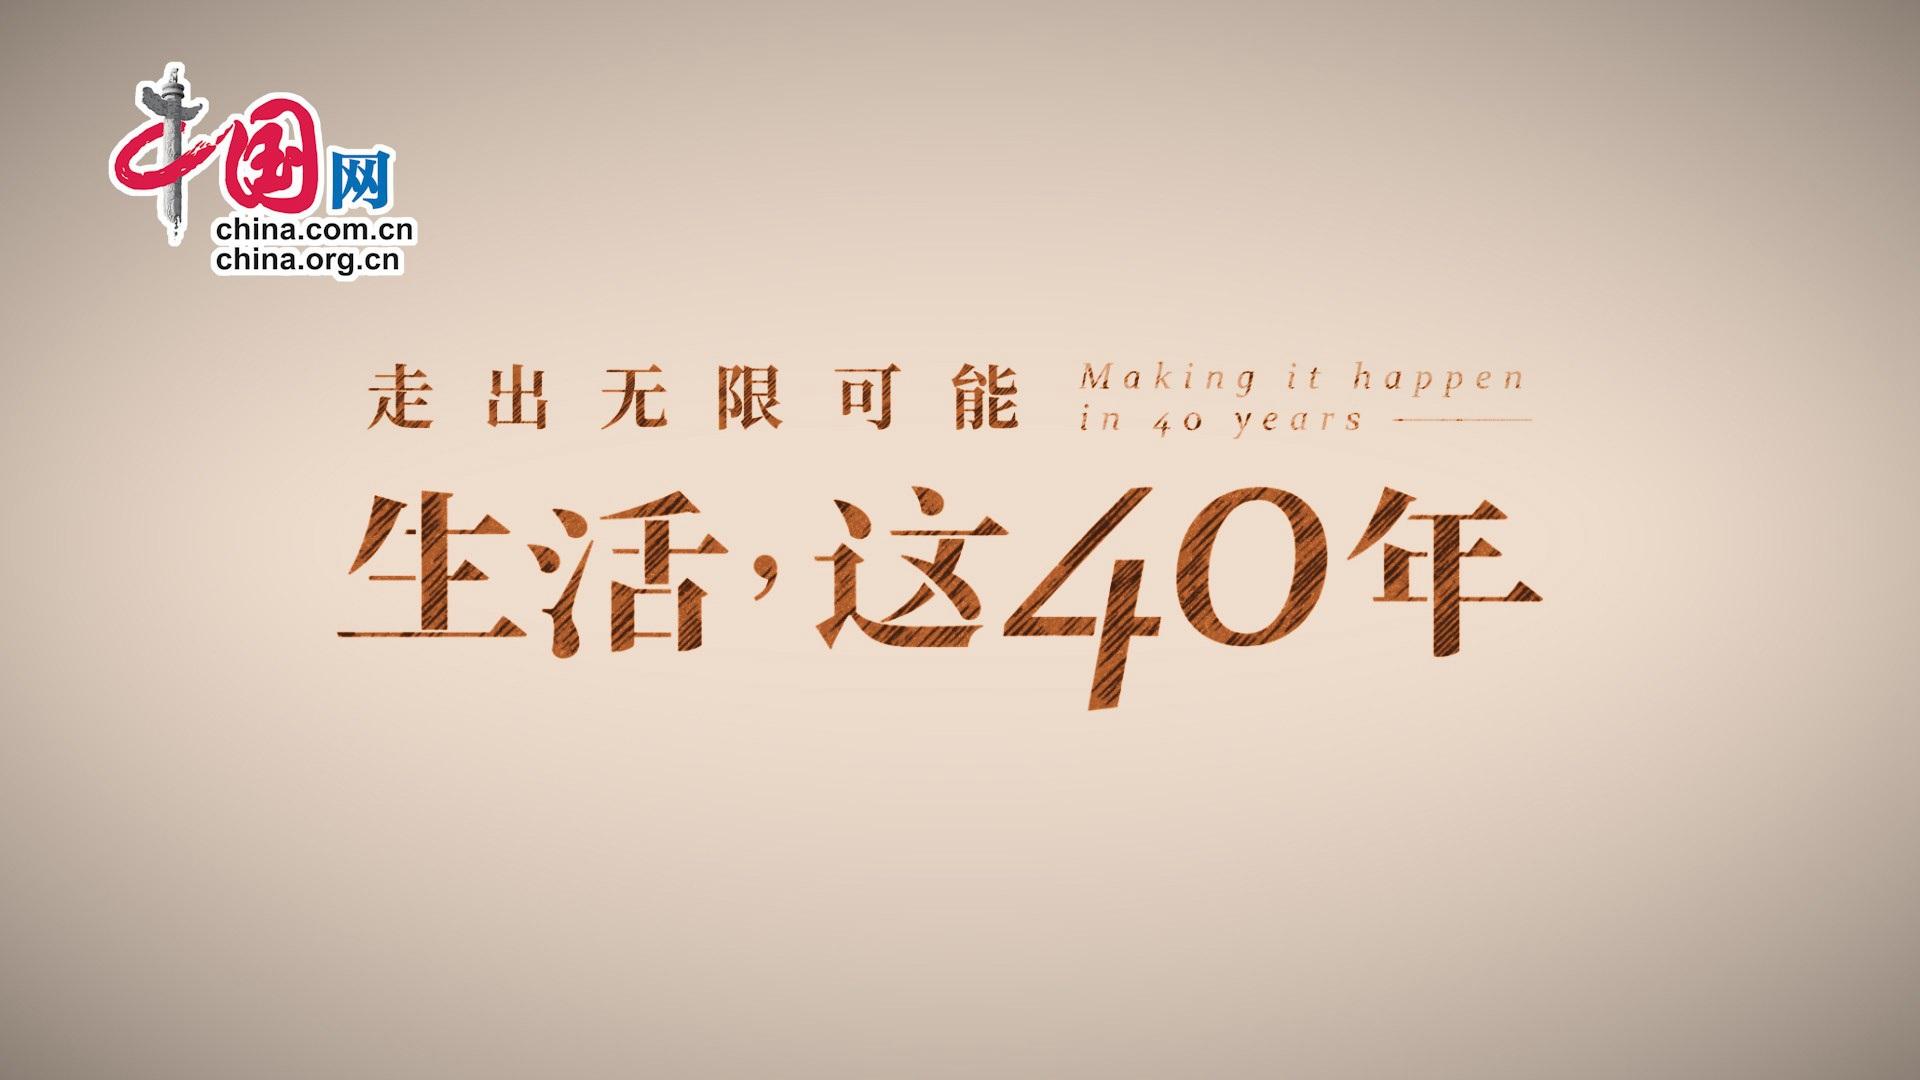 中国网《中国3分钟》 (4).jpg